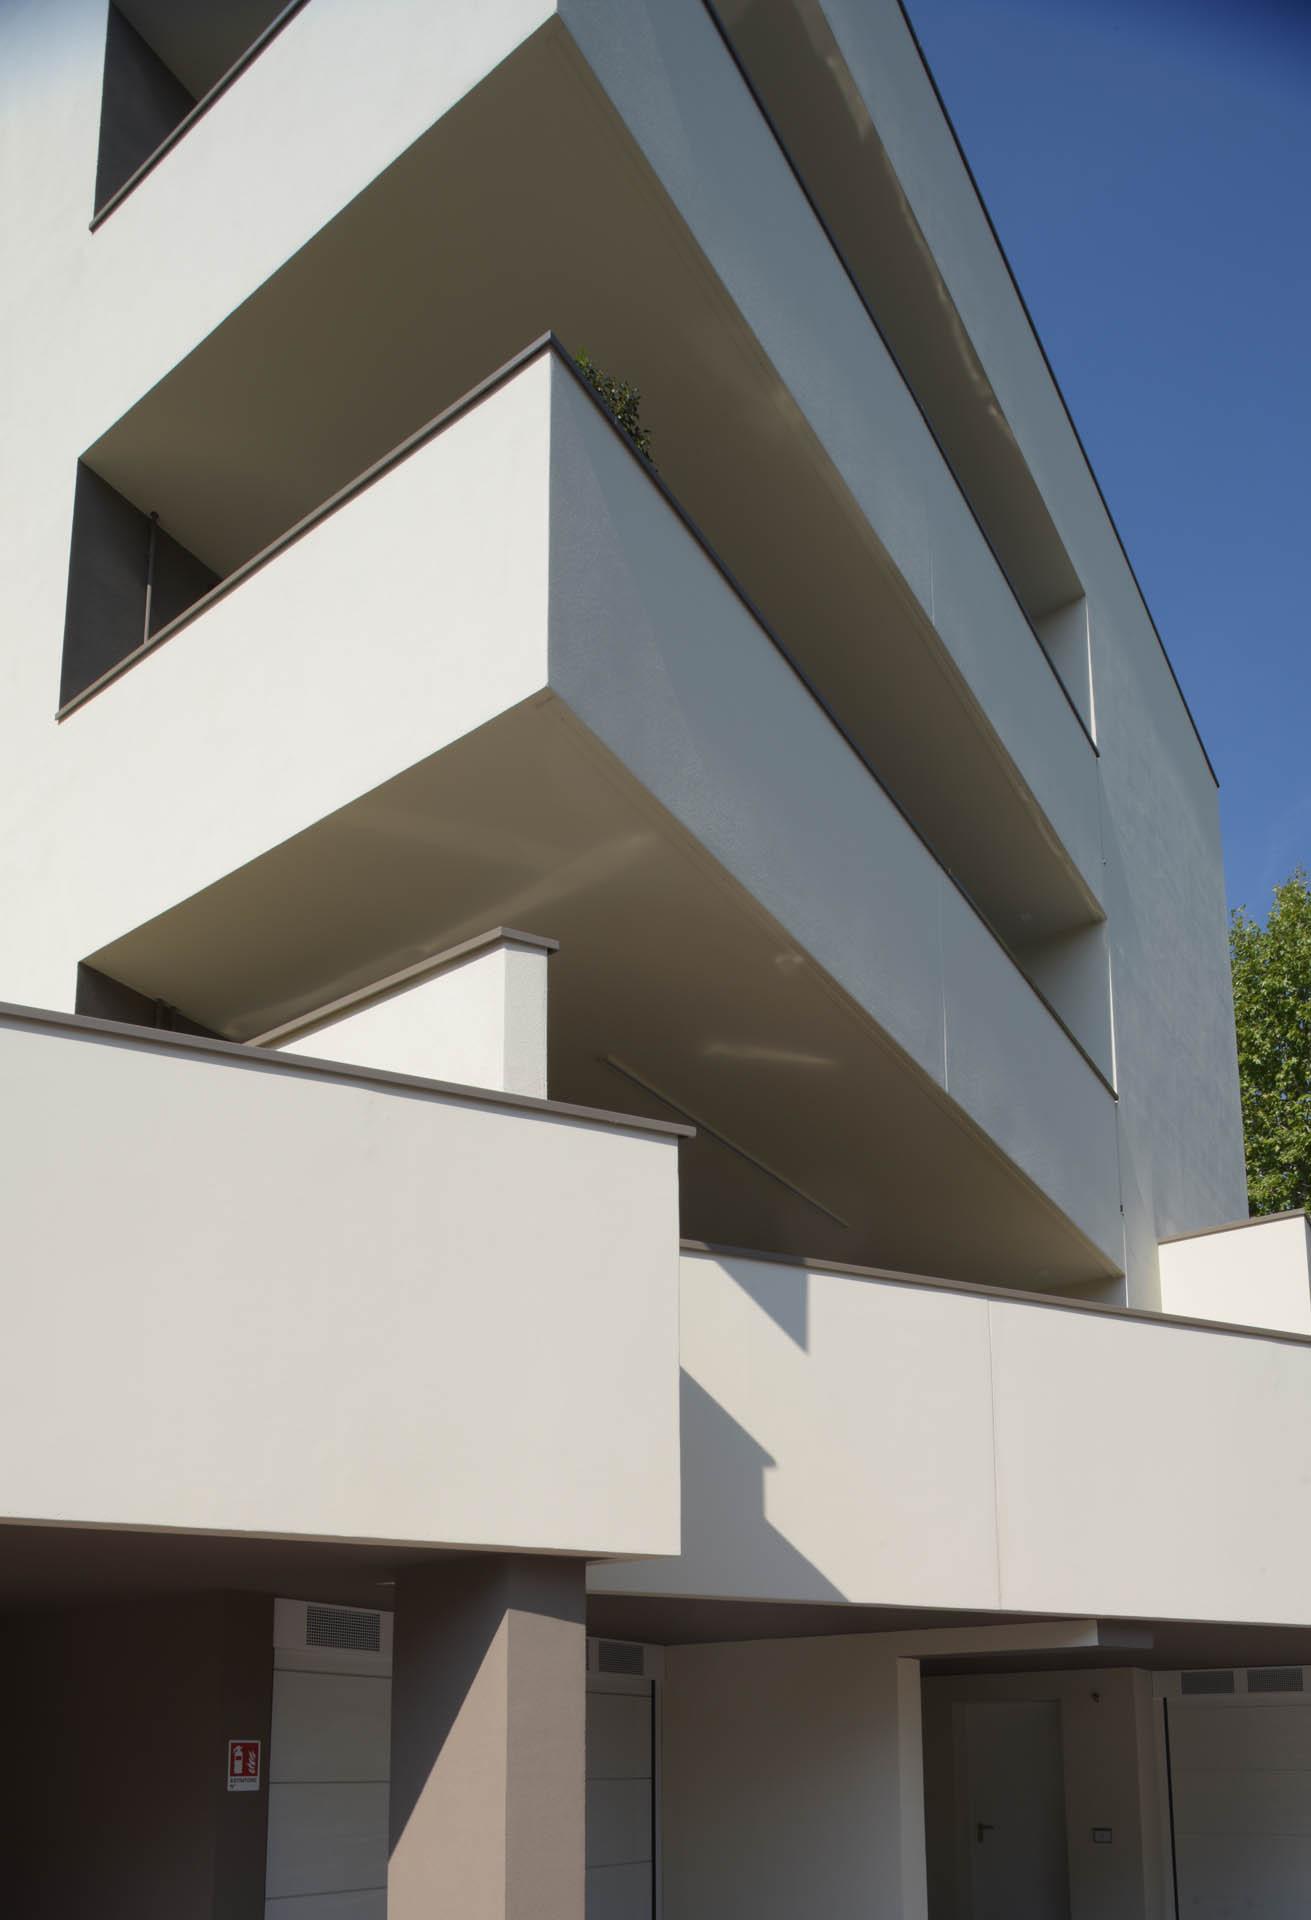 06 Studio Bacchi architetti associati condominio Davide img 06